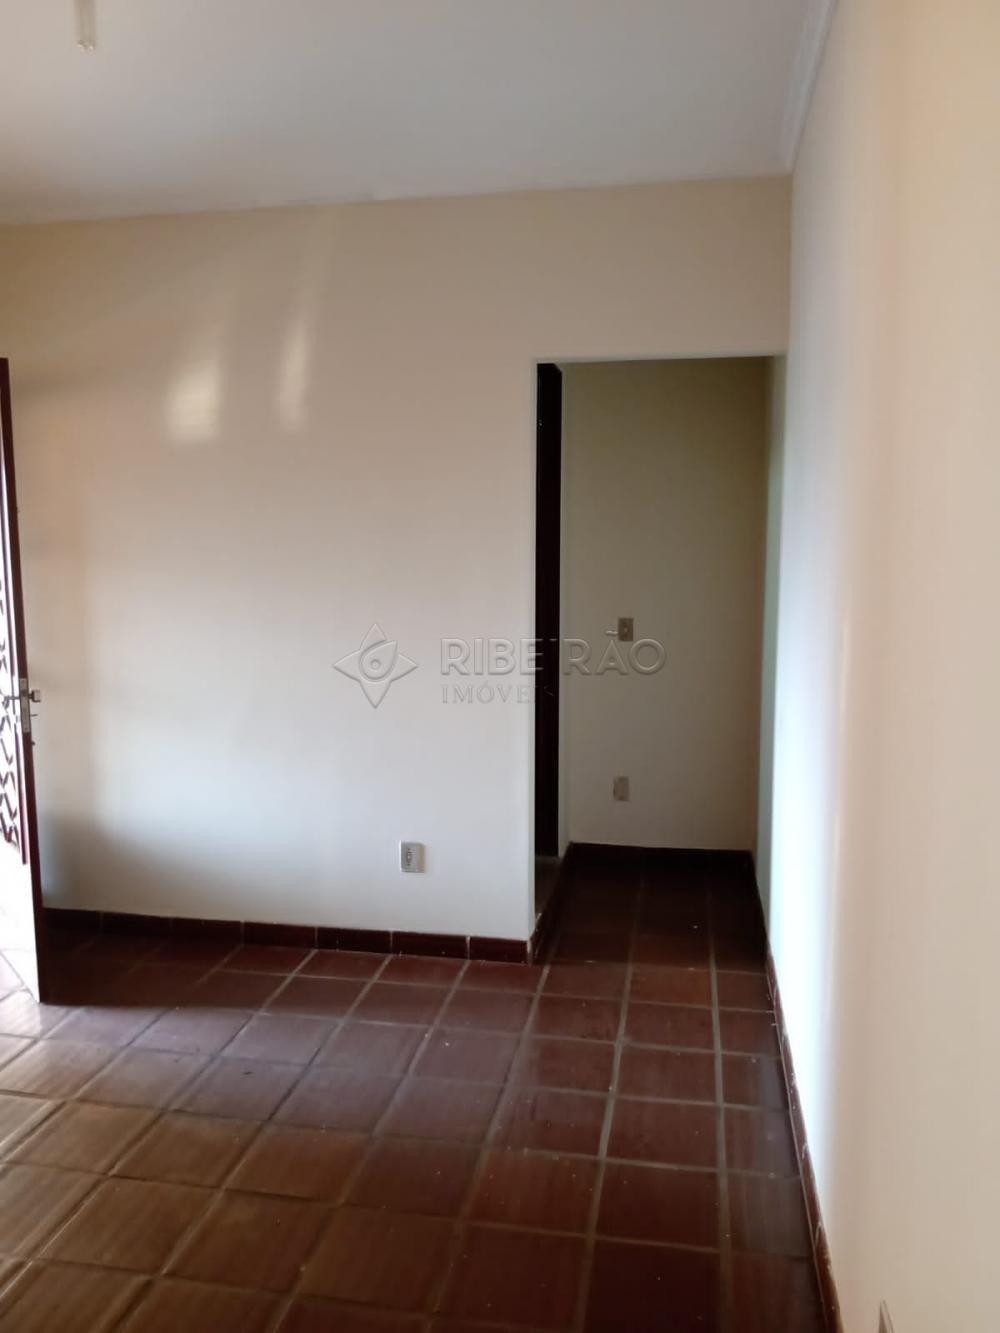 Alugar Casa / Sobrado em Ribeirão Preto R$ 1.400,00 - Foto 17